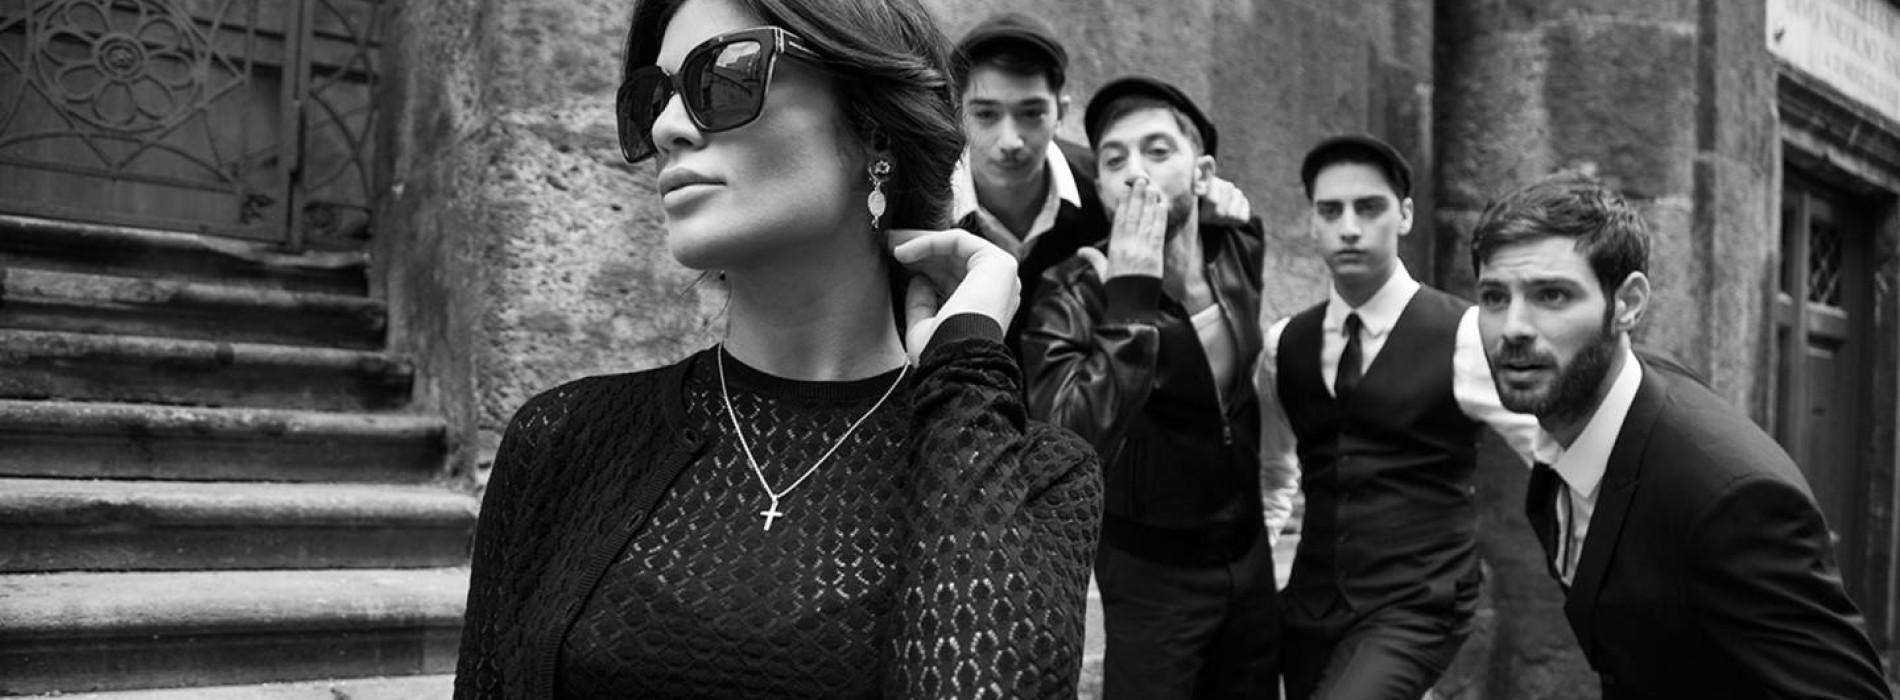 Dolce e Gabbana: dalla Sicilia a Napoli per festeggiare i trent'anni del brand